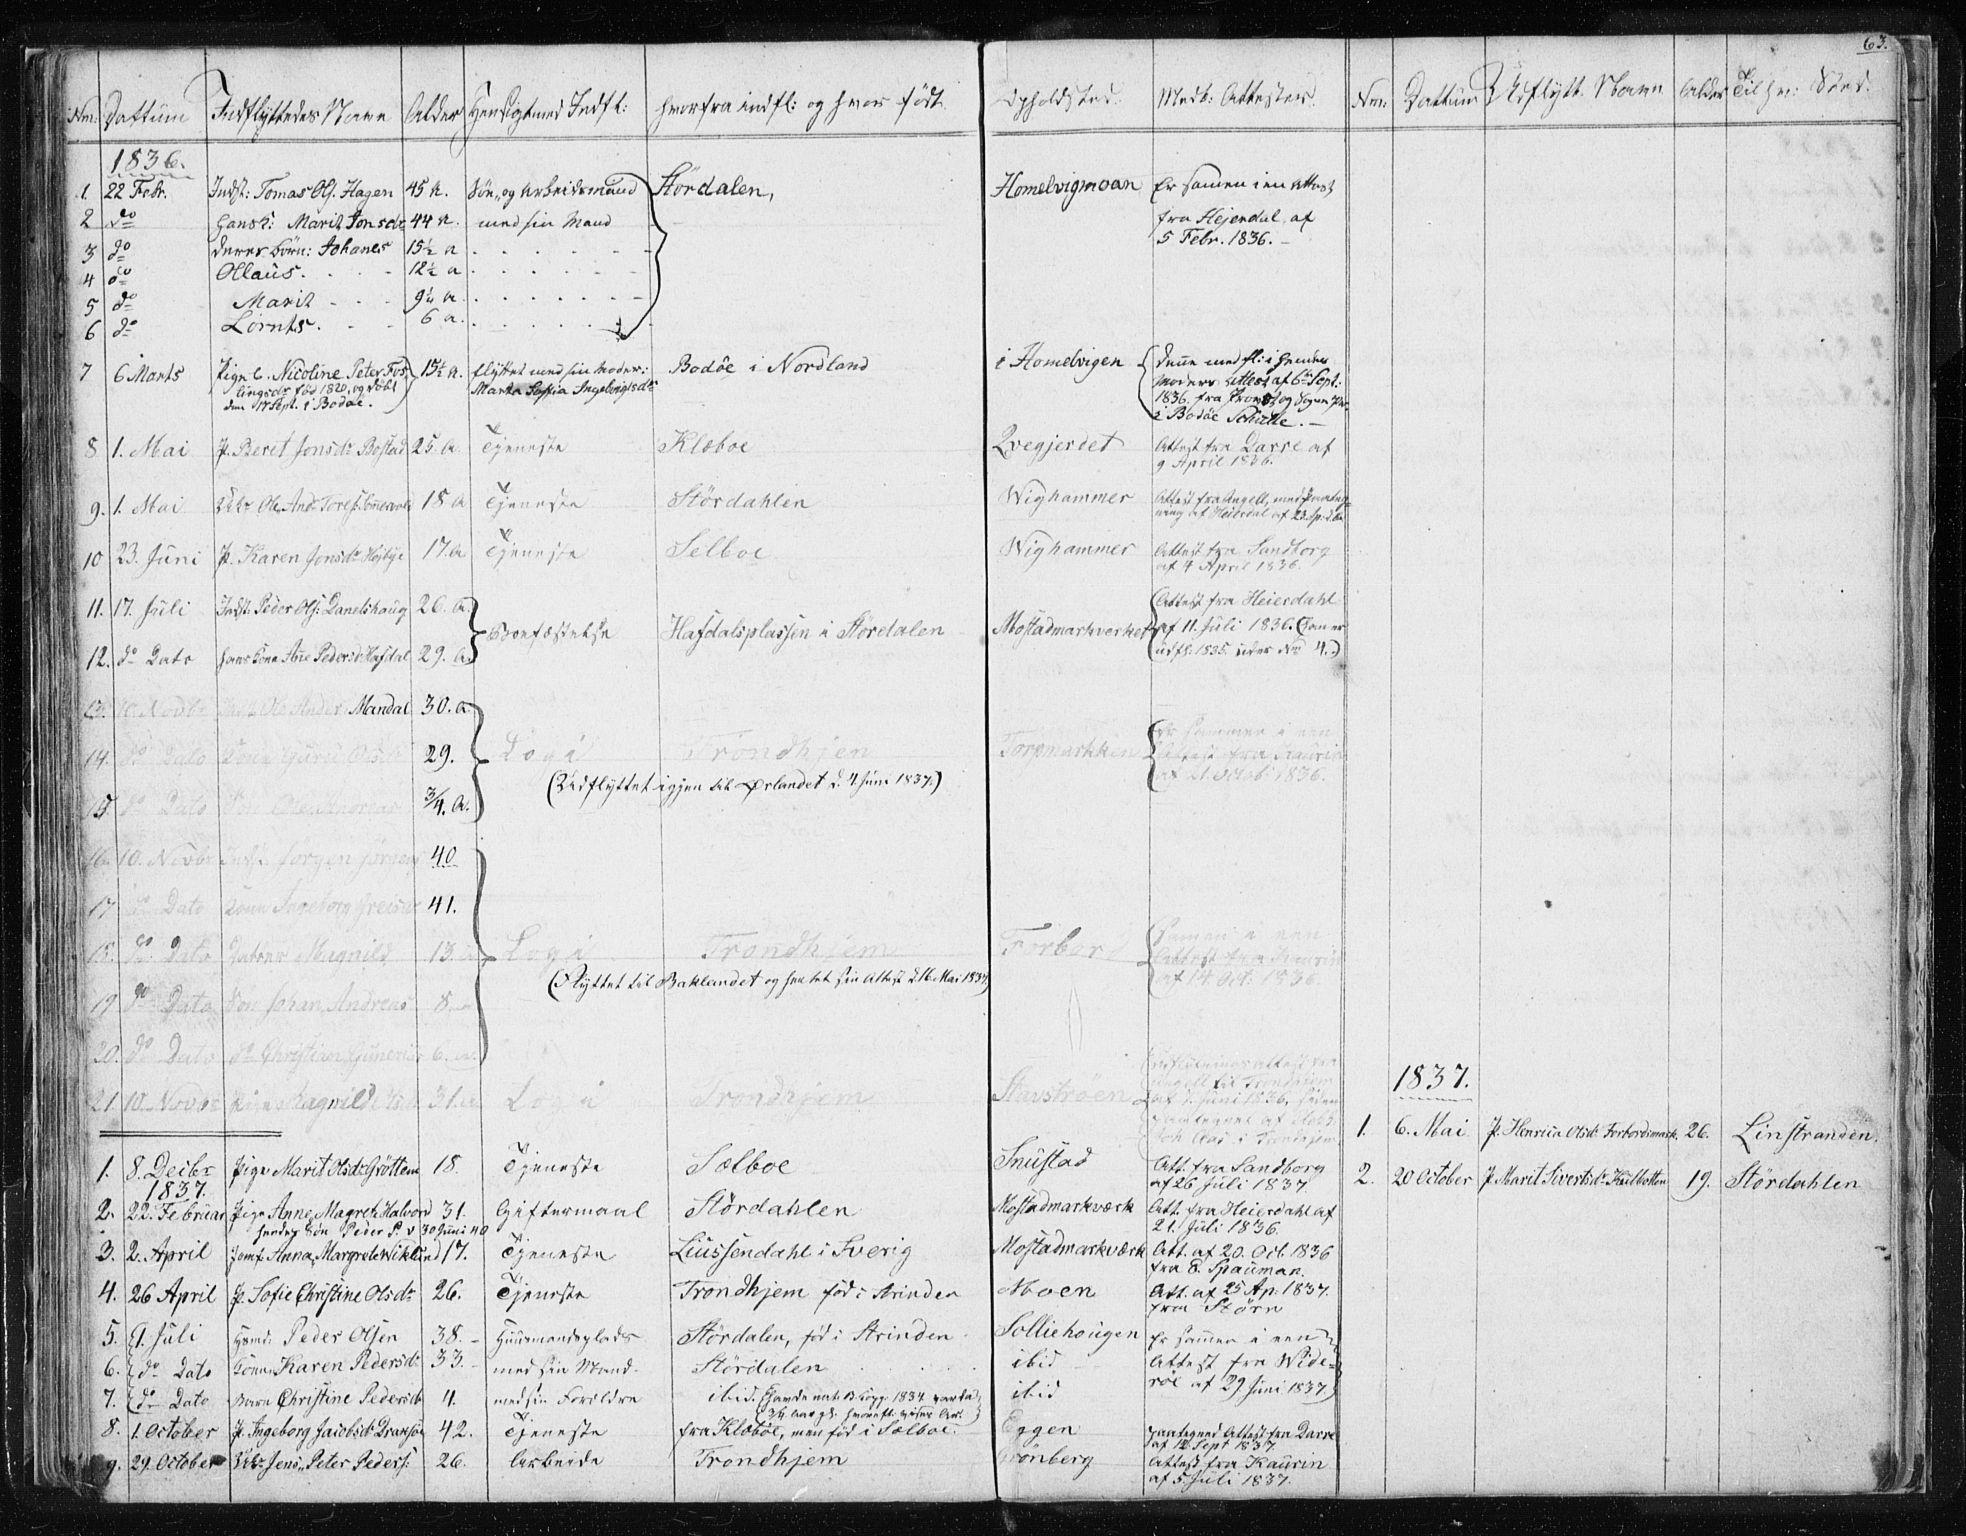 SAT, Ministerialprotokoller, klokkerbøker og fødselsregistre - Sør-Trøndelag, 616/L0405: Ministerialbok nr. 616A02, 1831-1842, s. 63